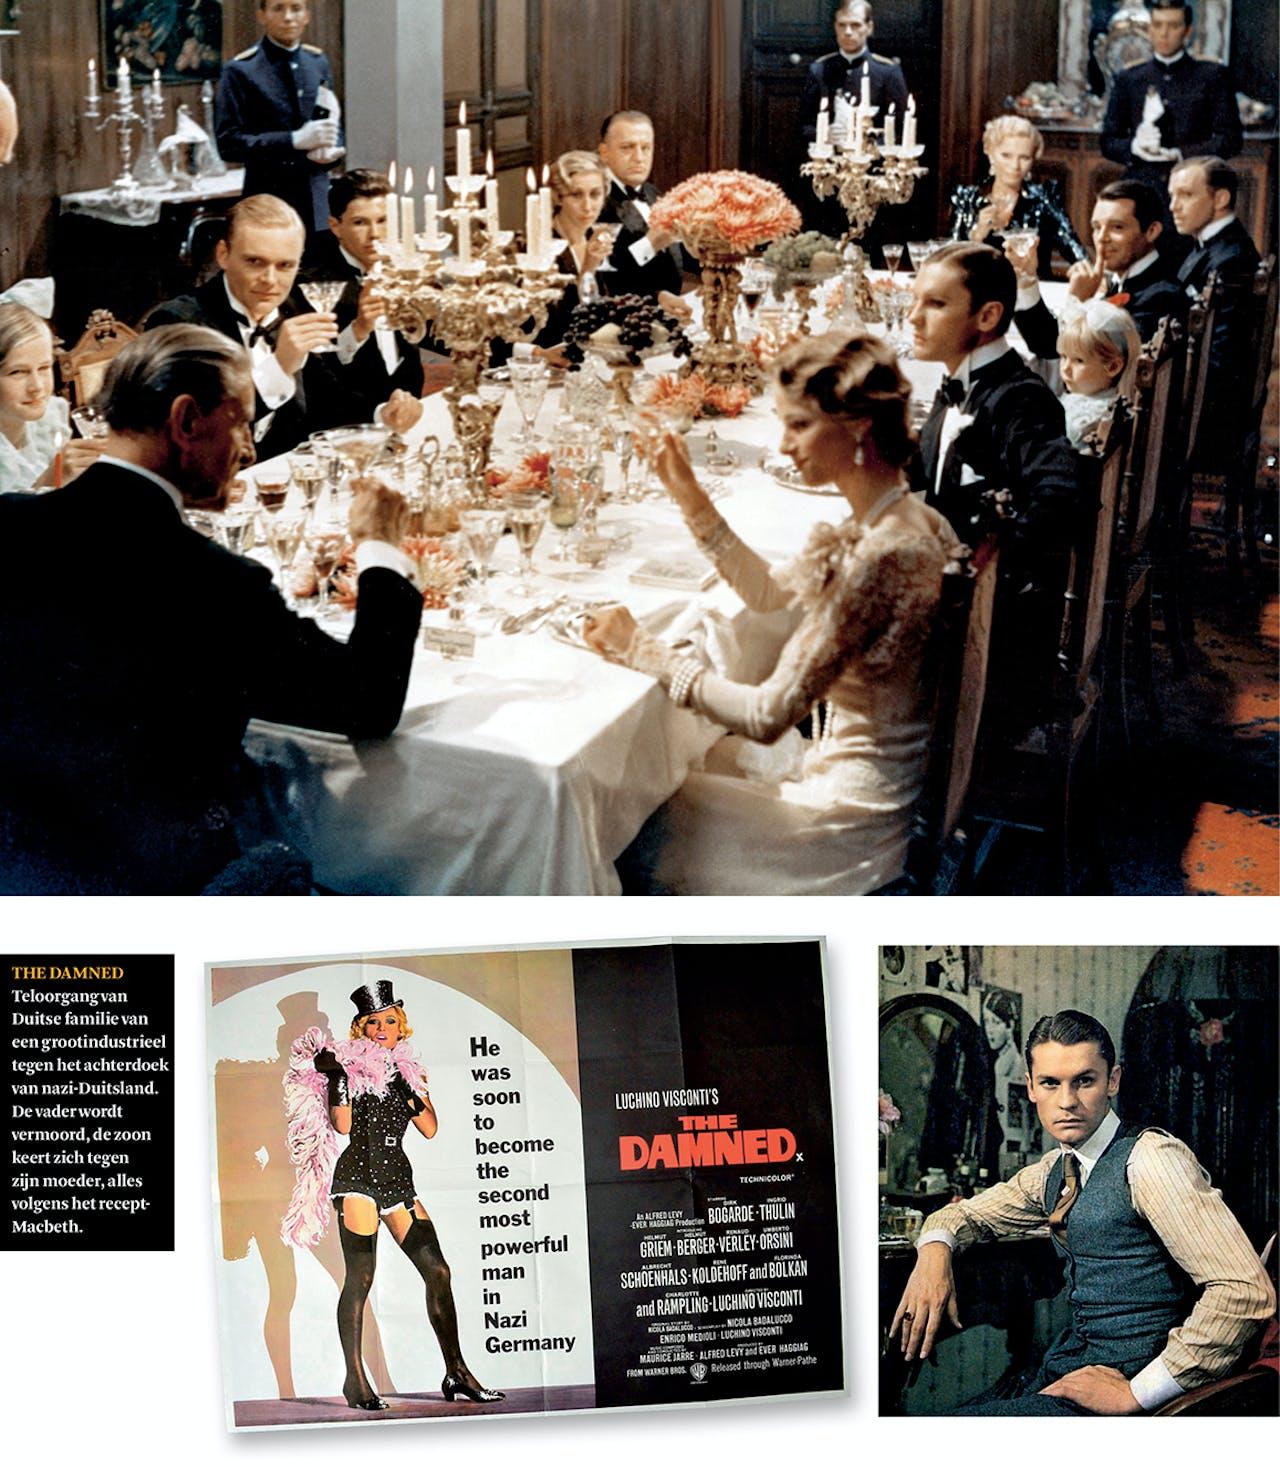 Regisseur Luchino Visconti leende het familiediner van schrijver Thomas Mann voor het begin van zijn film 'The Damned' (1969).